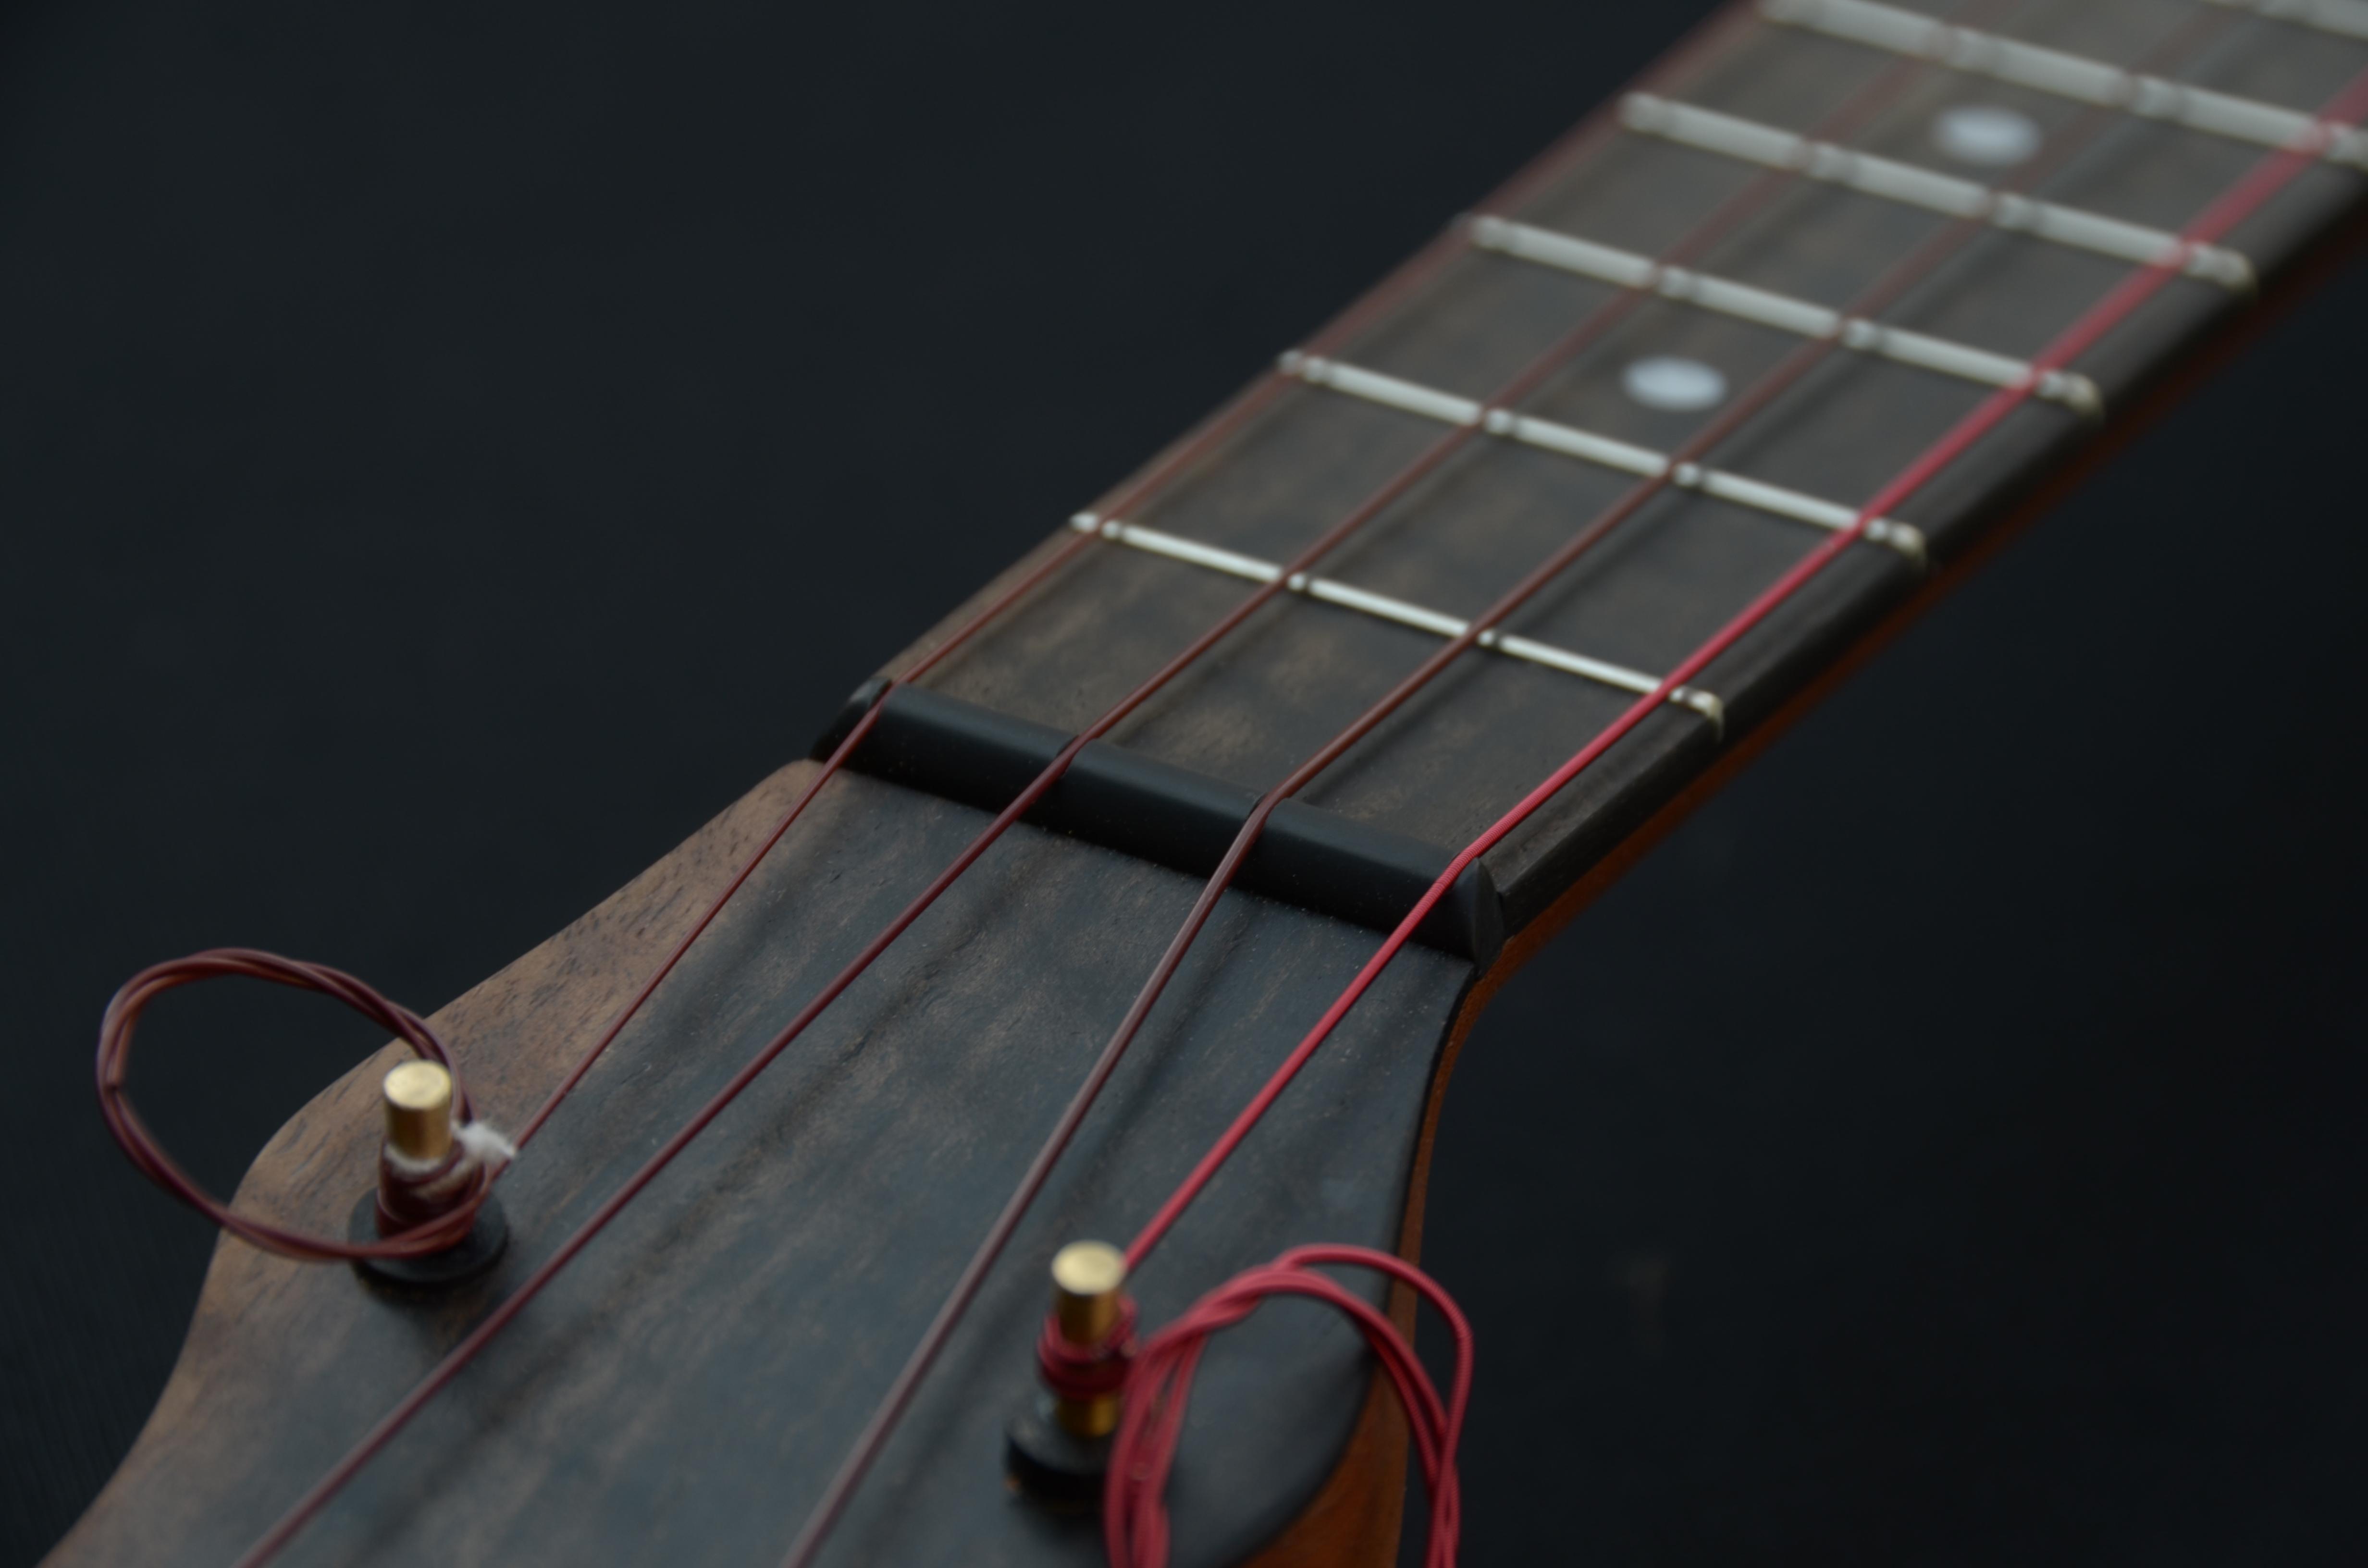 banjoukulele-fretboard